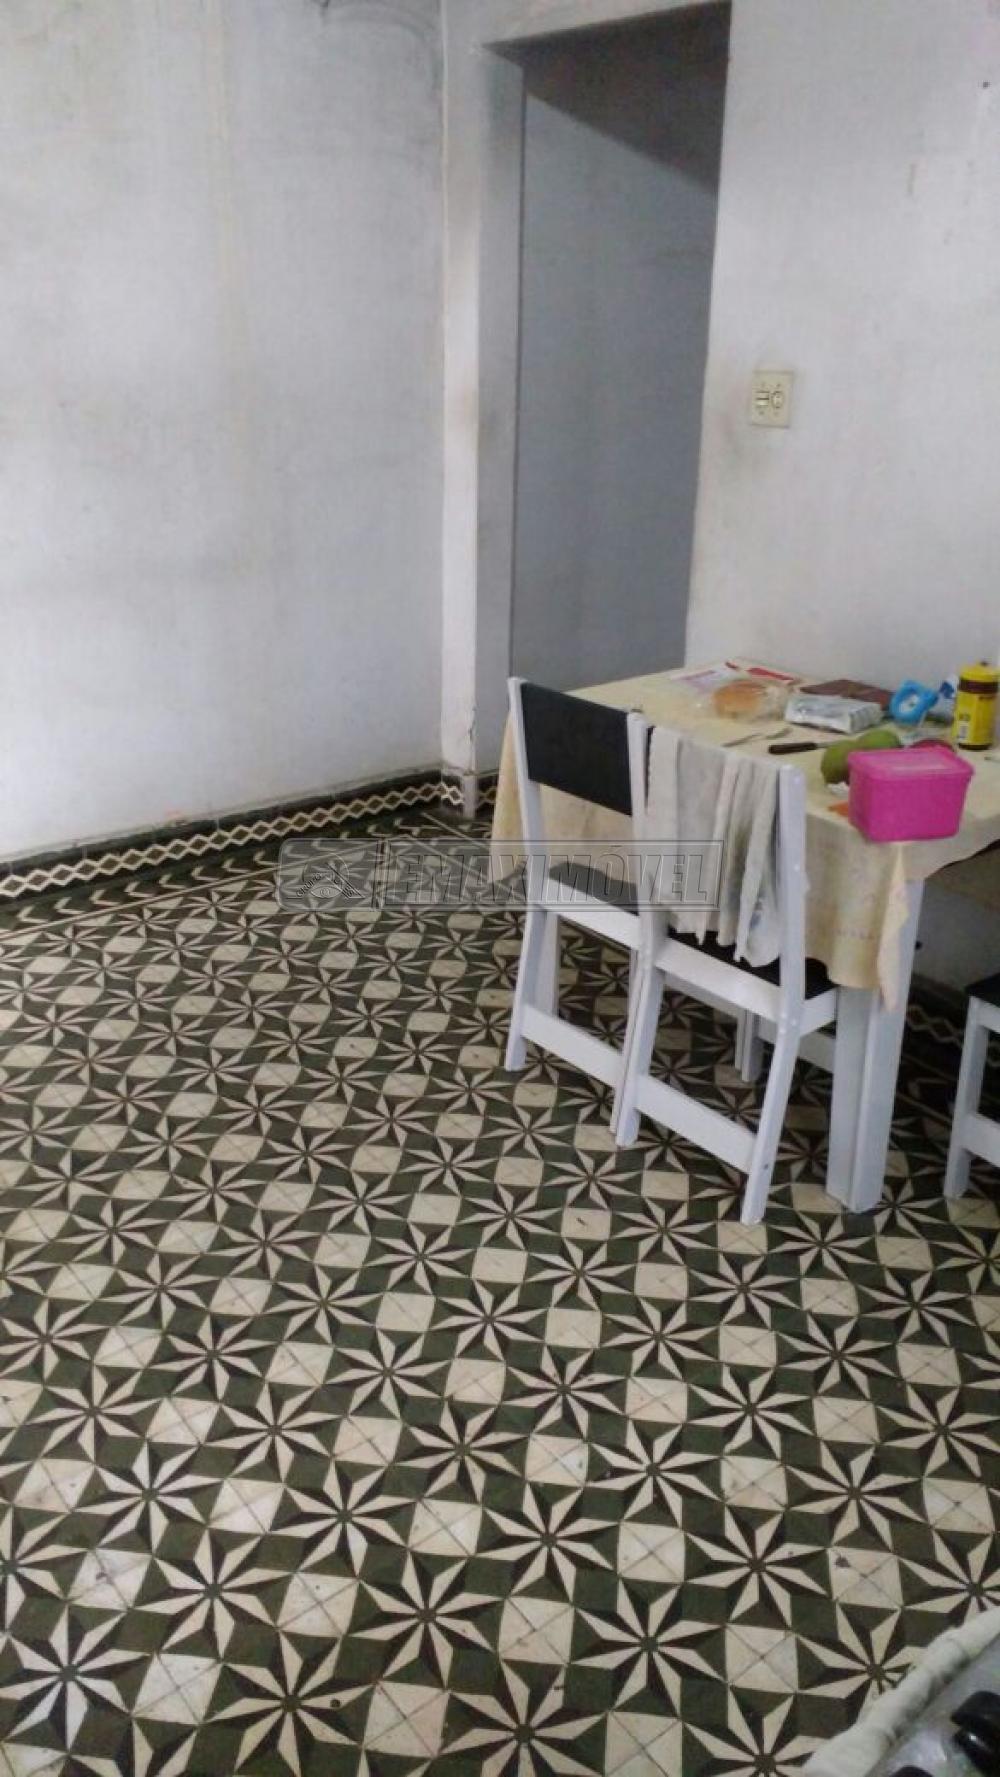 Comprar Casas / em Bairros em Sorocaba apenas R$ 238.000,00 - Foto 9